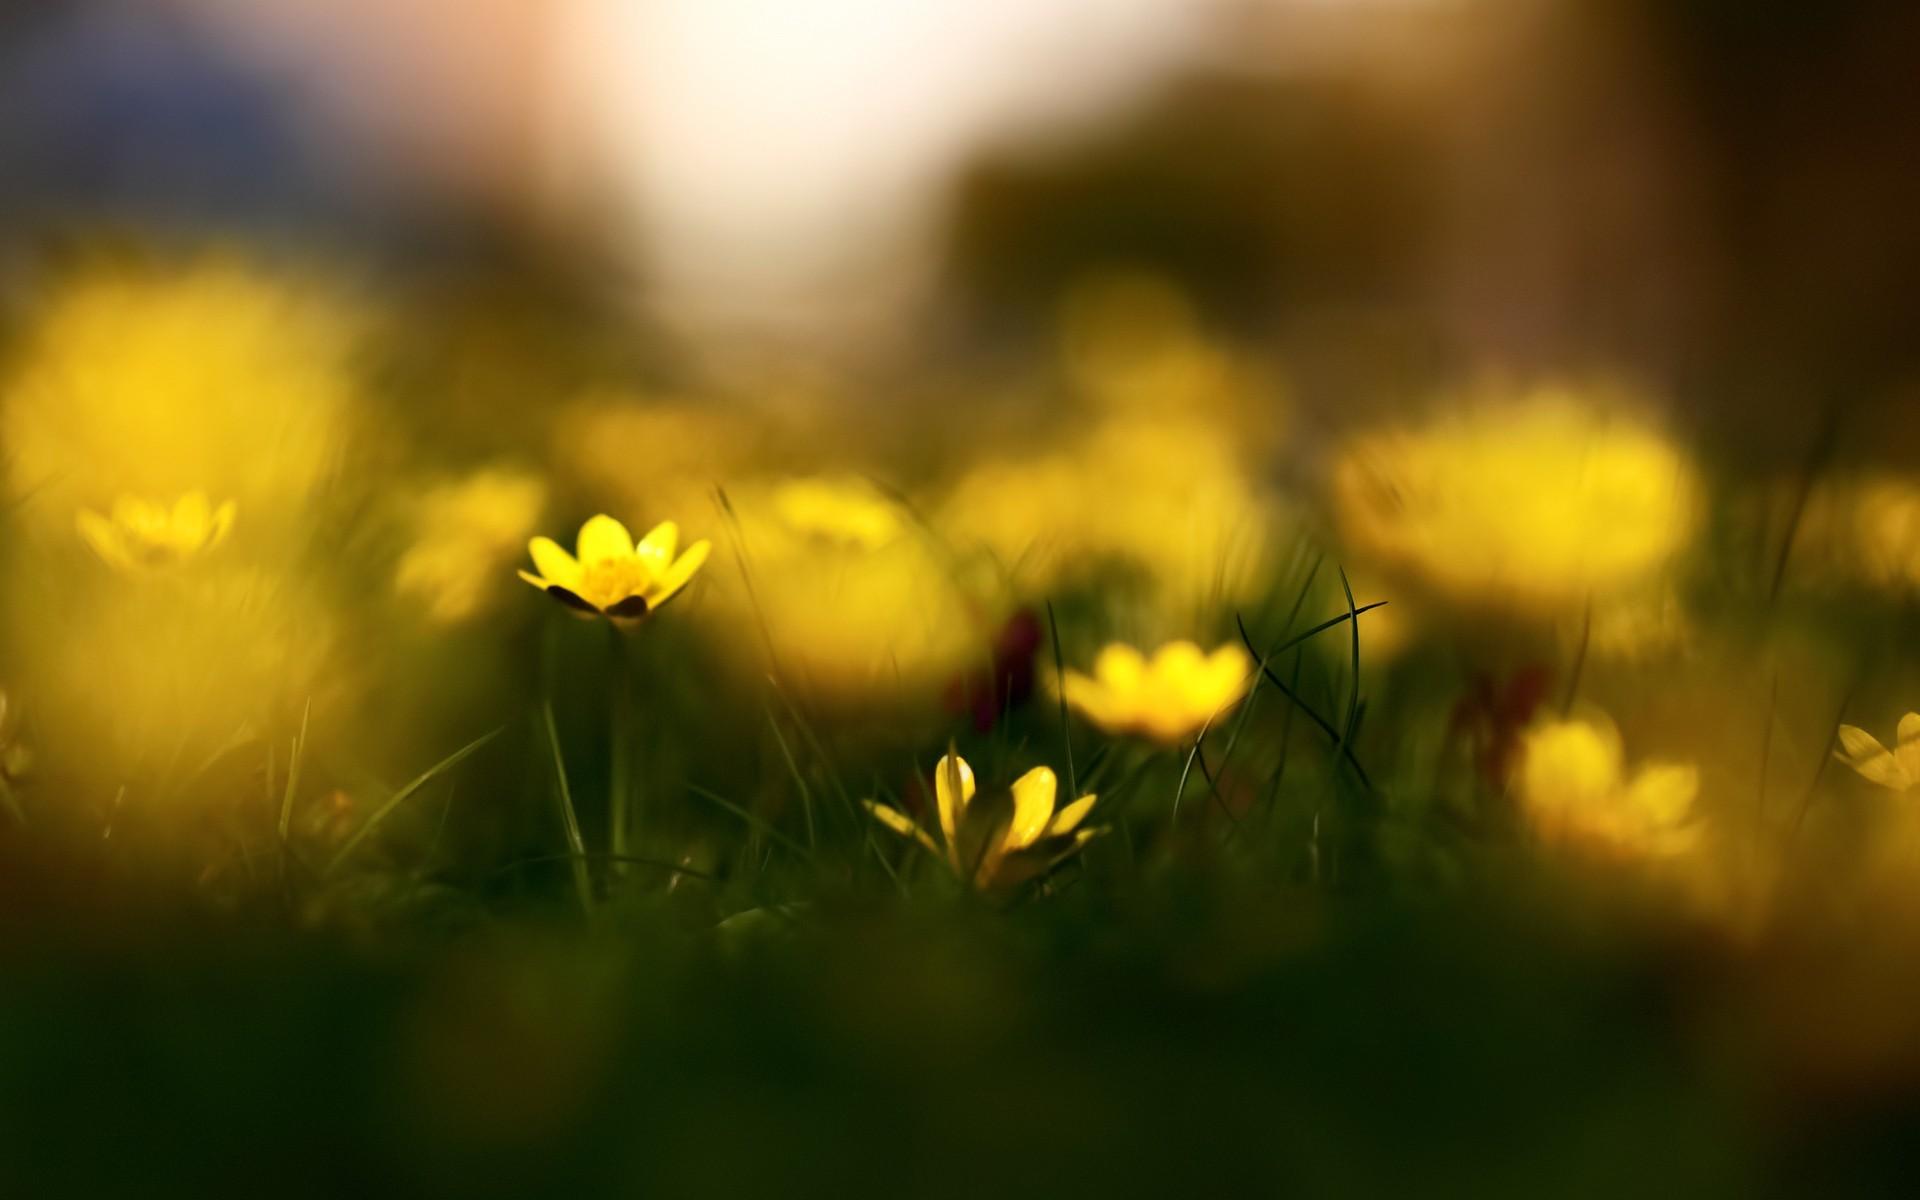 Macro Photography wallpapers Yellow Flowers Macro Photography stock 1920x1200